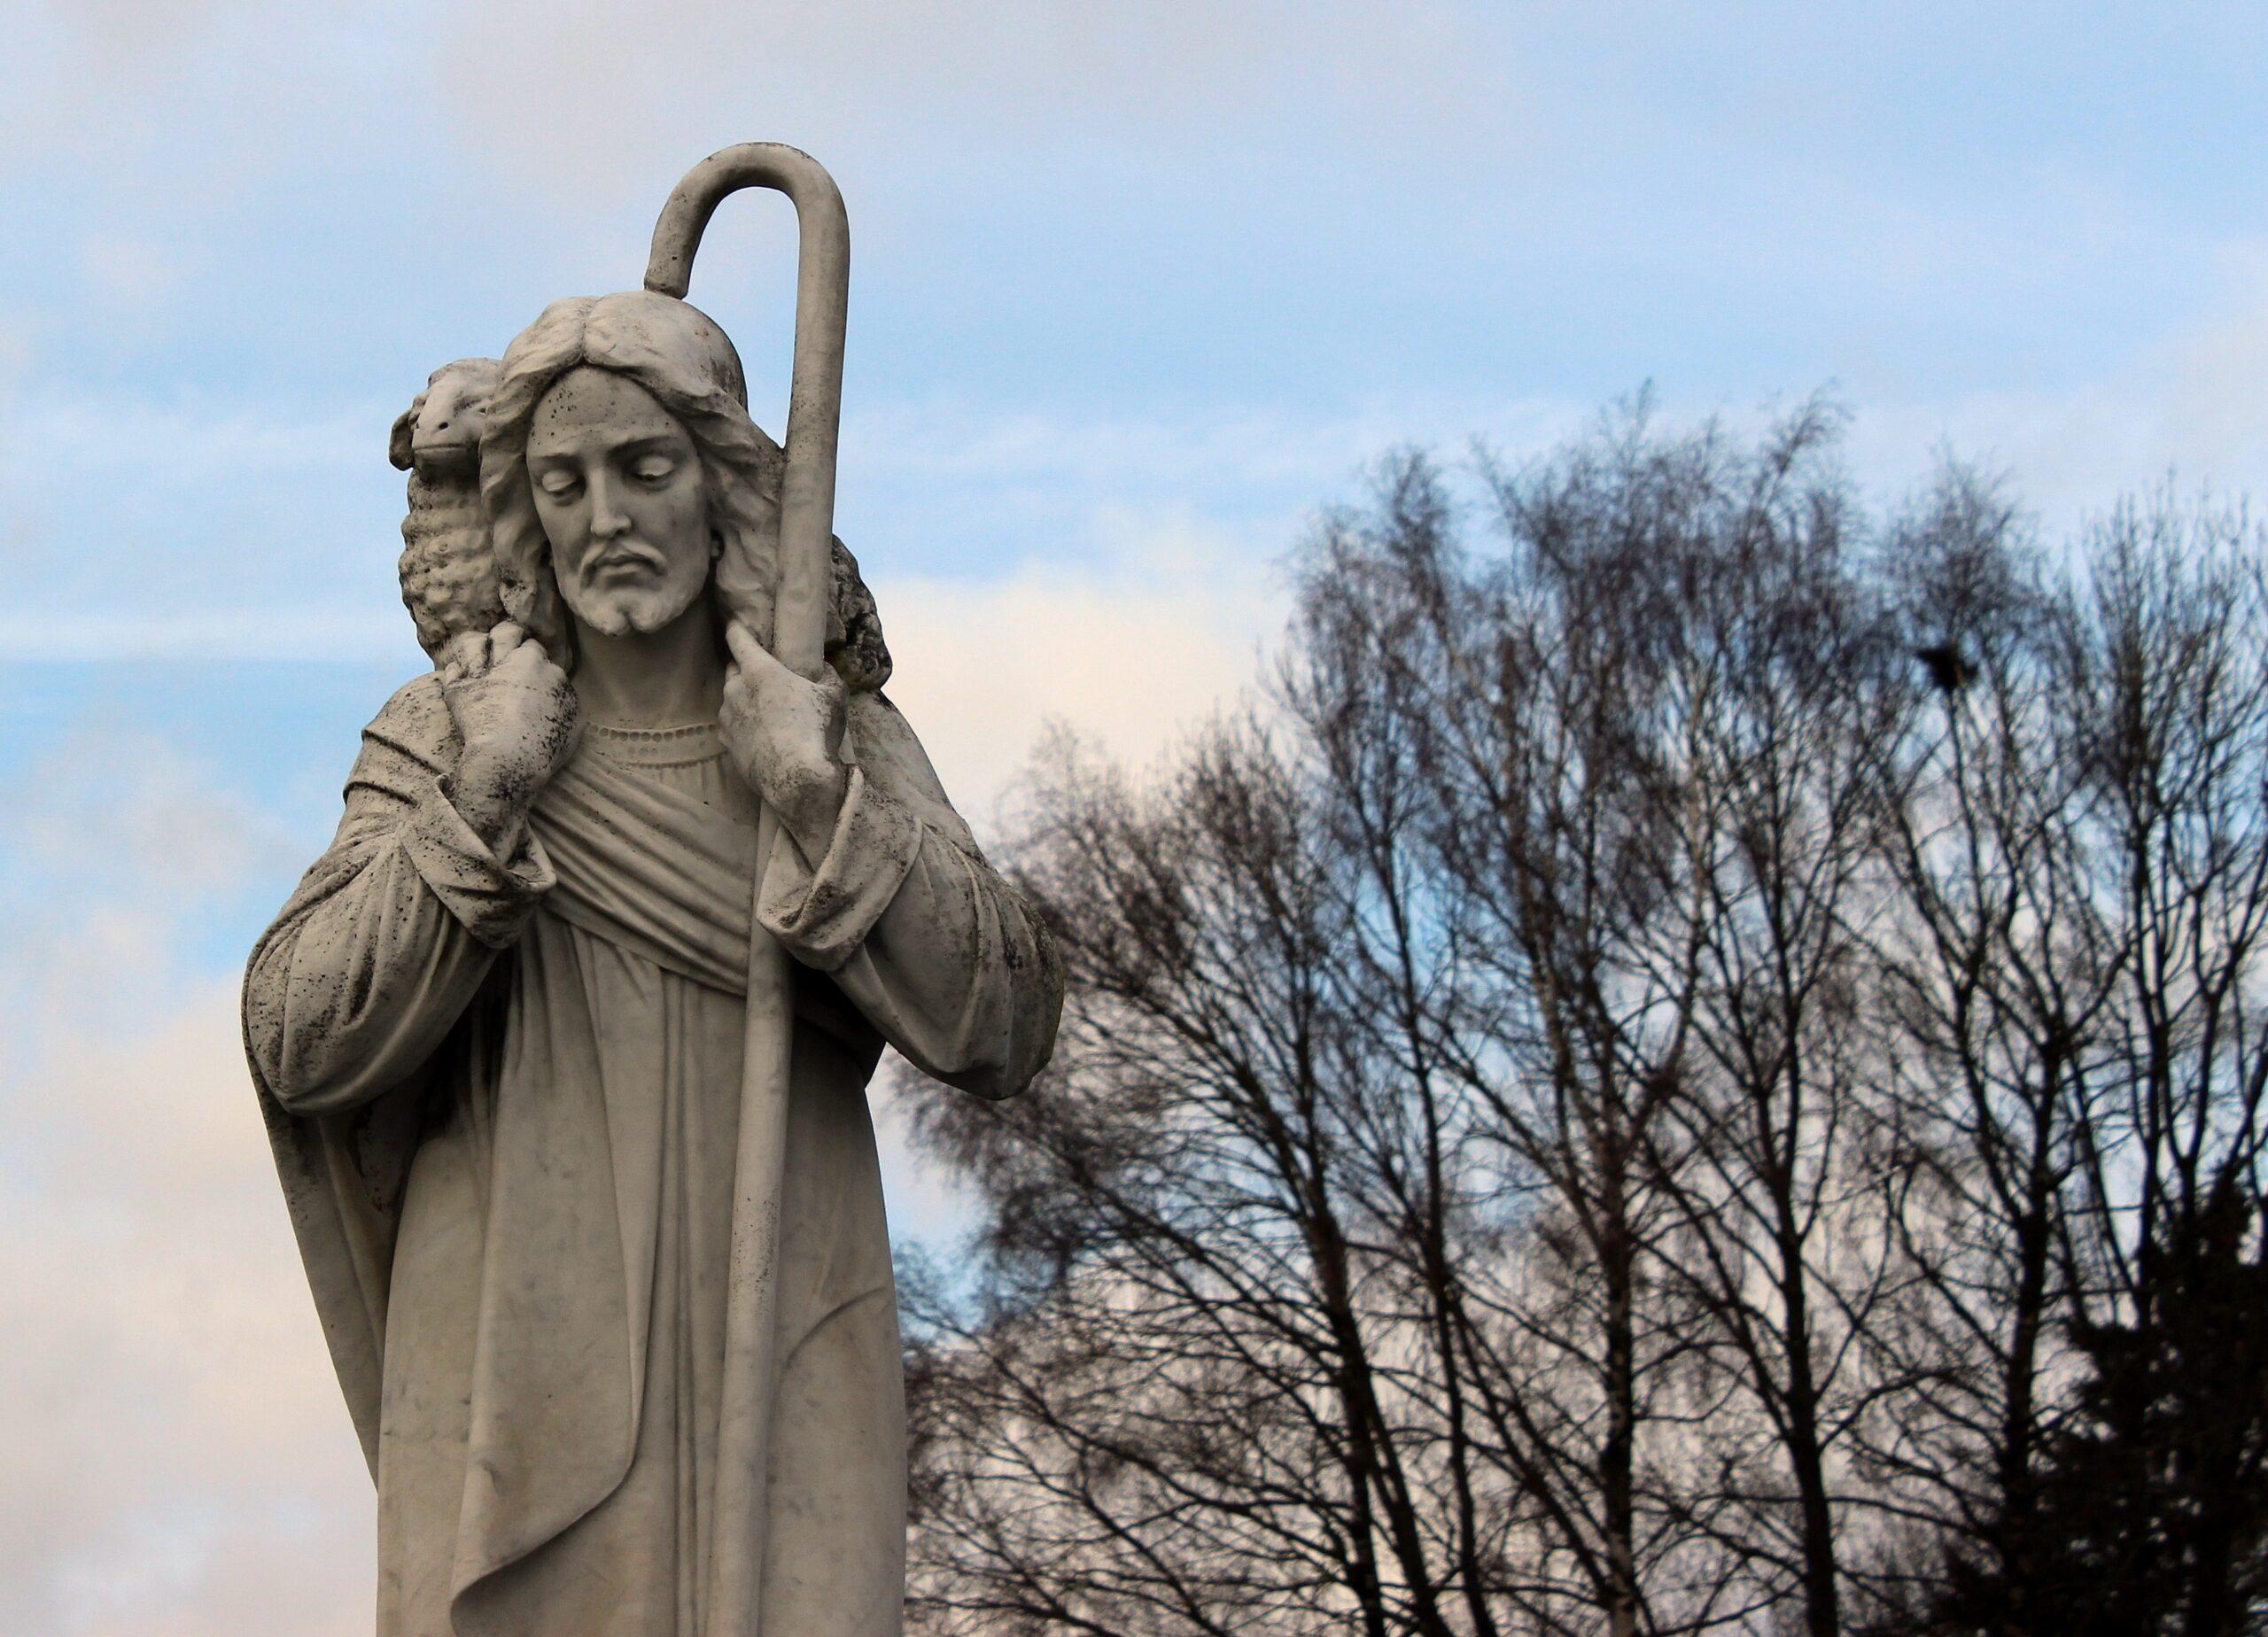 La Gran Tribulación está muy cerca dice Jesús al vidente Enoch [¿qué es lo que se viene?]